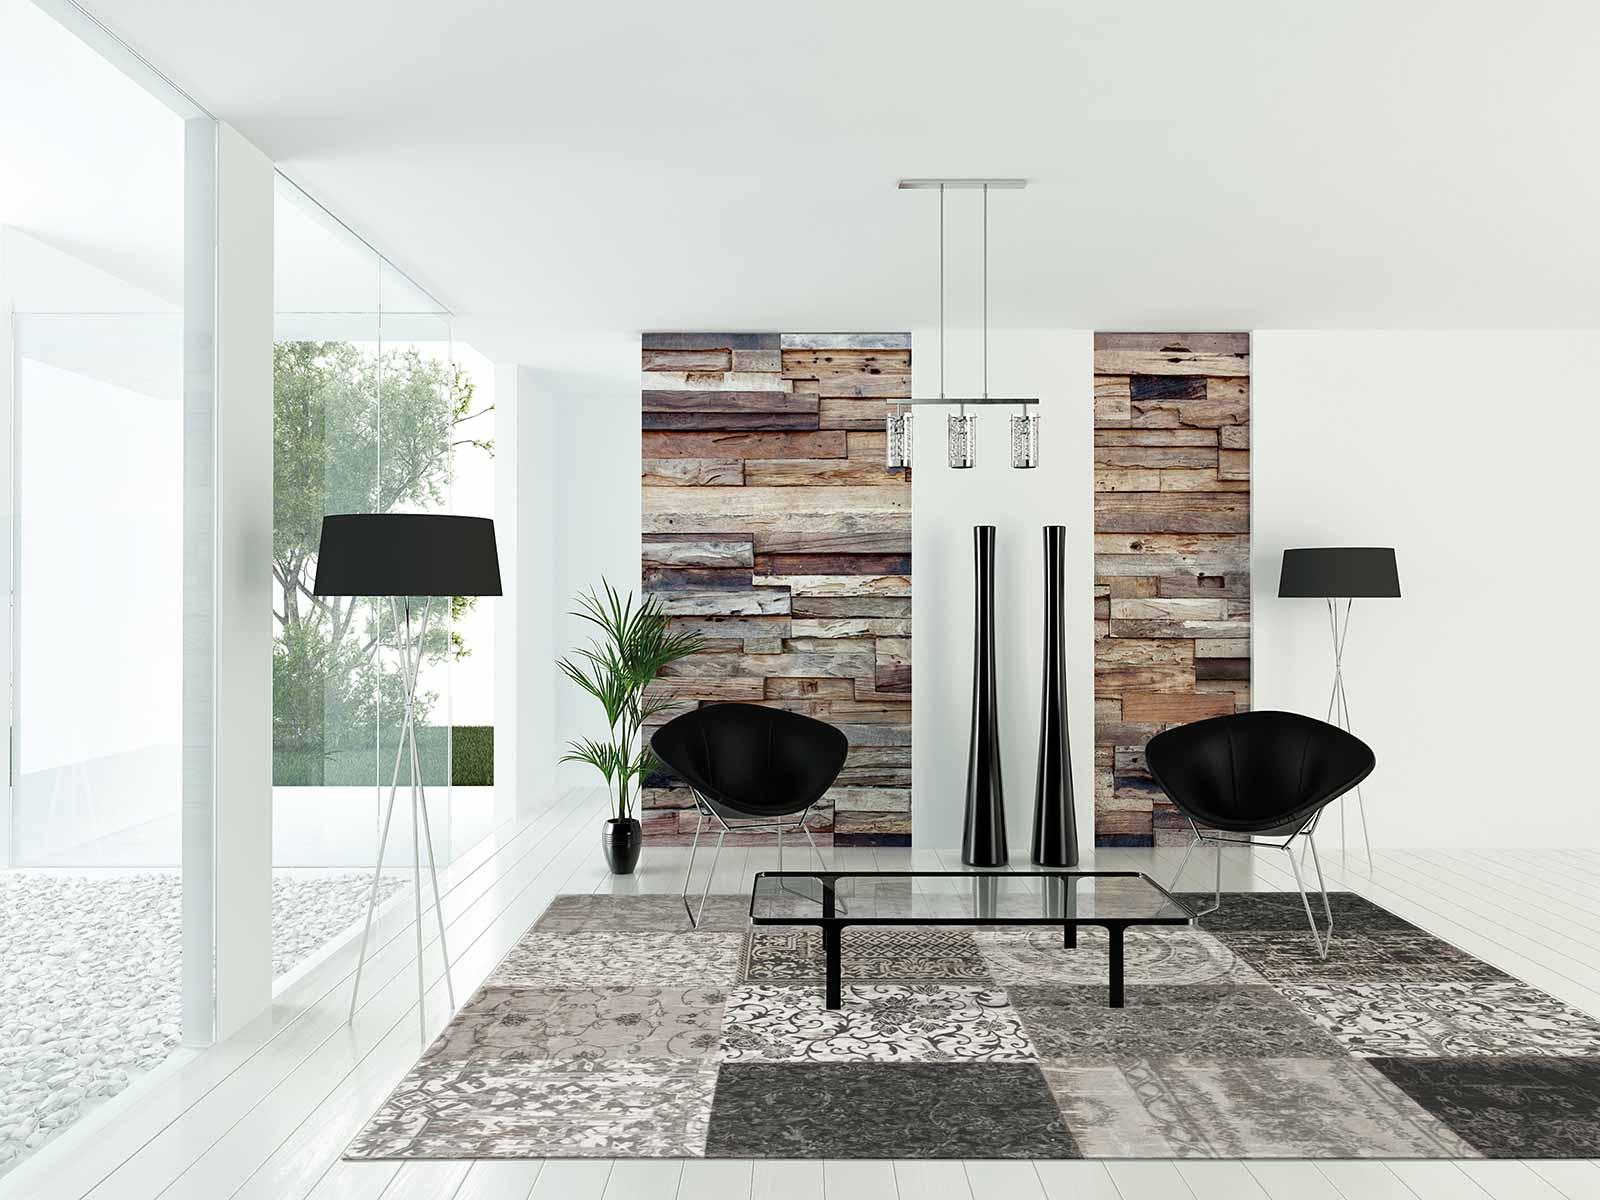 teppich Louis De Poortere LX 8101 Vintage Black White interior 2